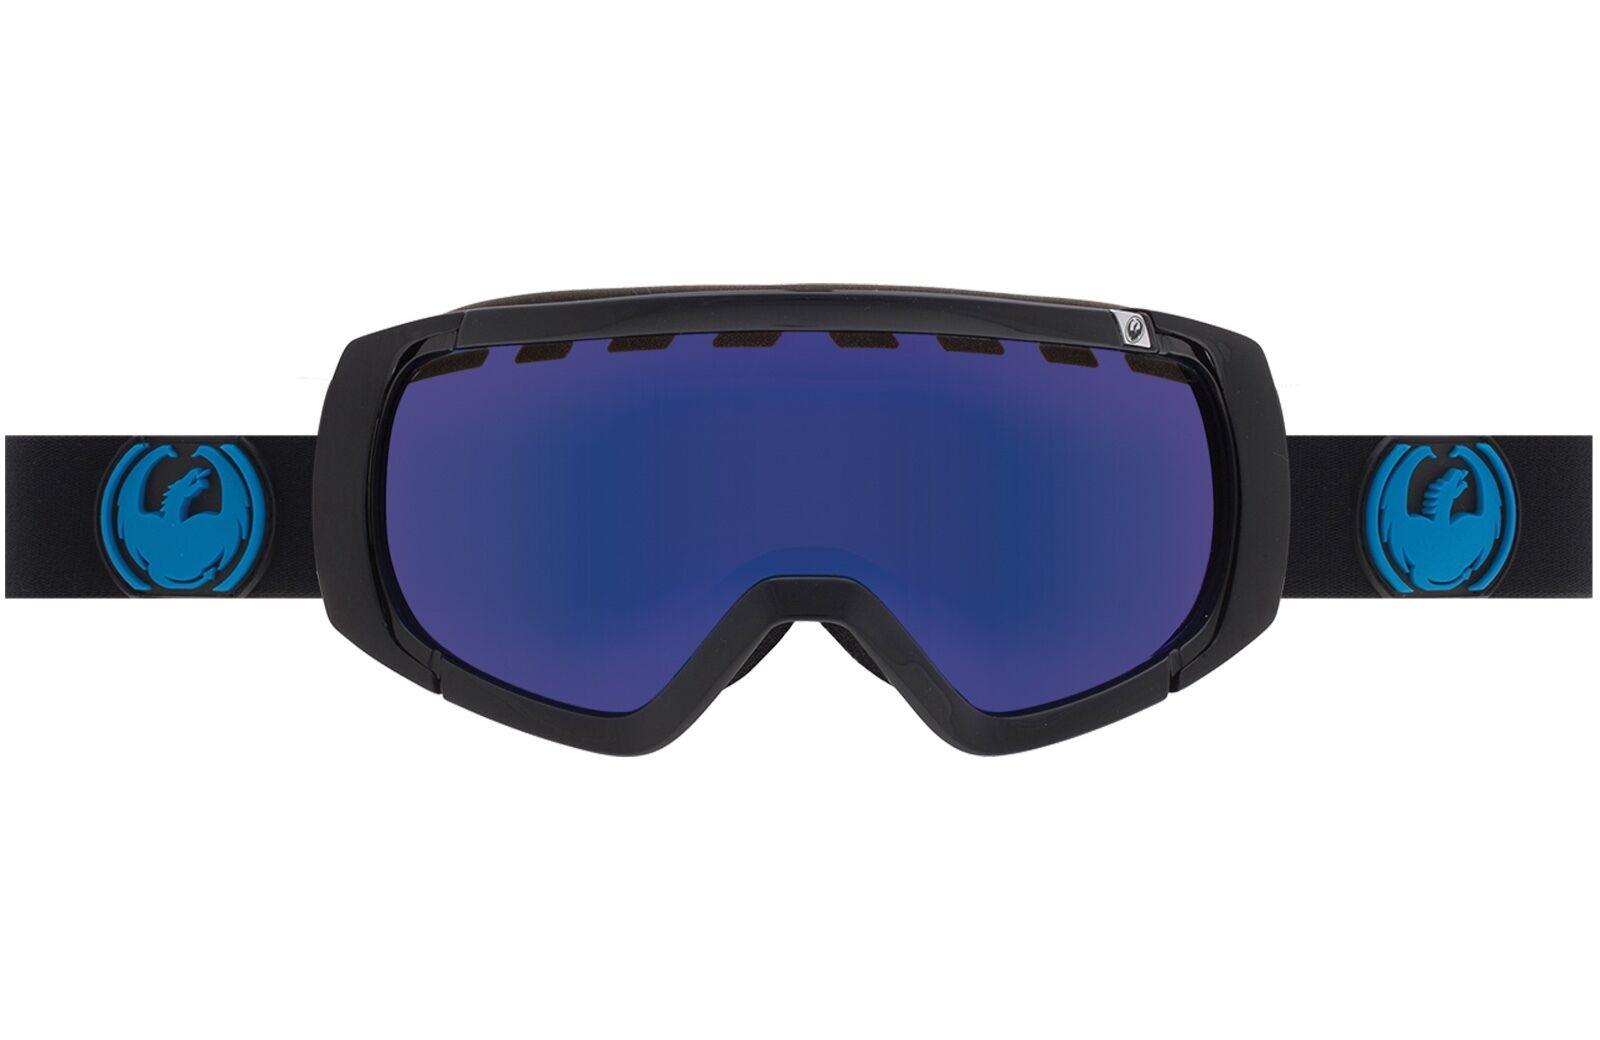 Nuevo 2016 Dragon Alliance Rogue Puro Humo Azul + Bono Lentes Snowboard Esquí